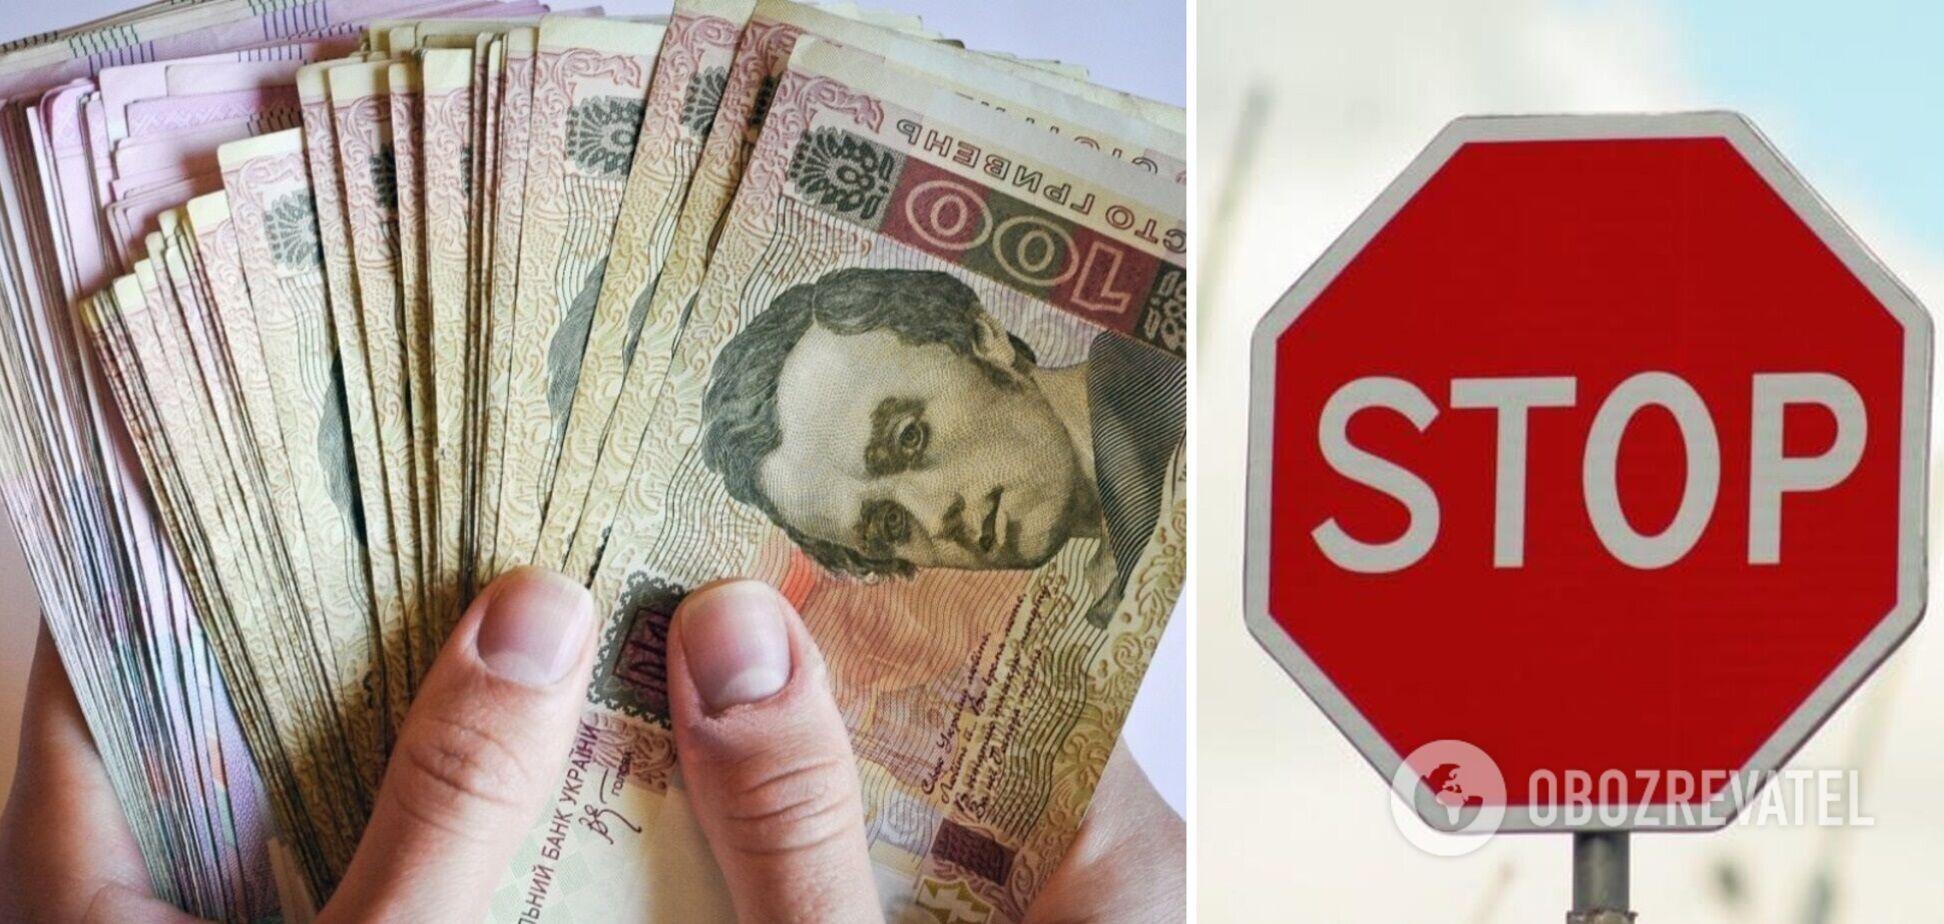 Нацкомісія оновила список ненадійних фінансових проєктів